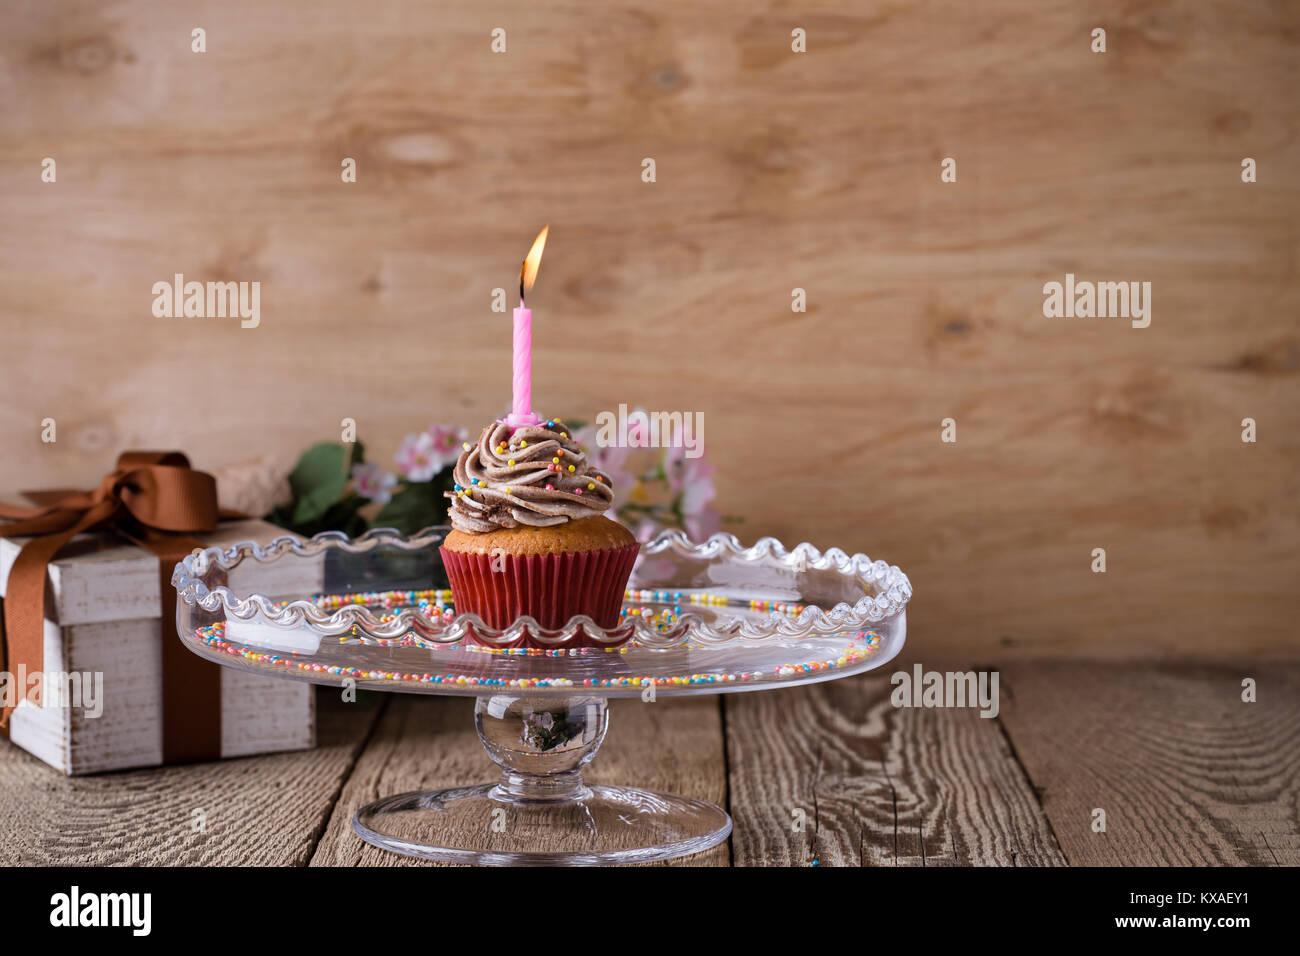 Lecker Geburtstag Kuchen mit einer Kerze serviert auf Glas cakestand auf festliche Holztisch Stockbild